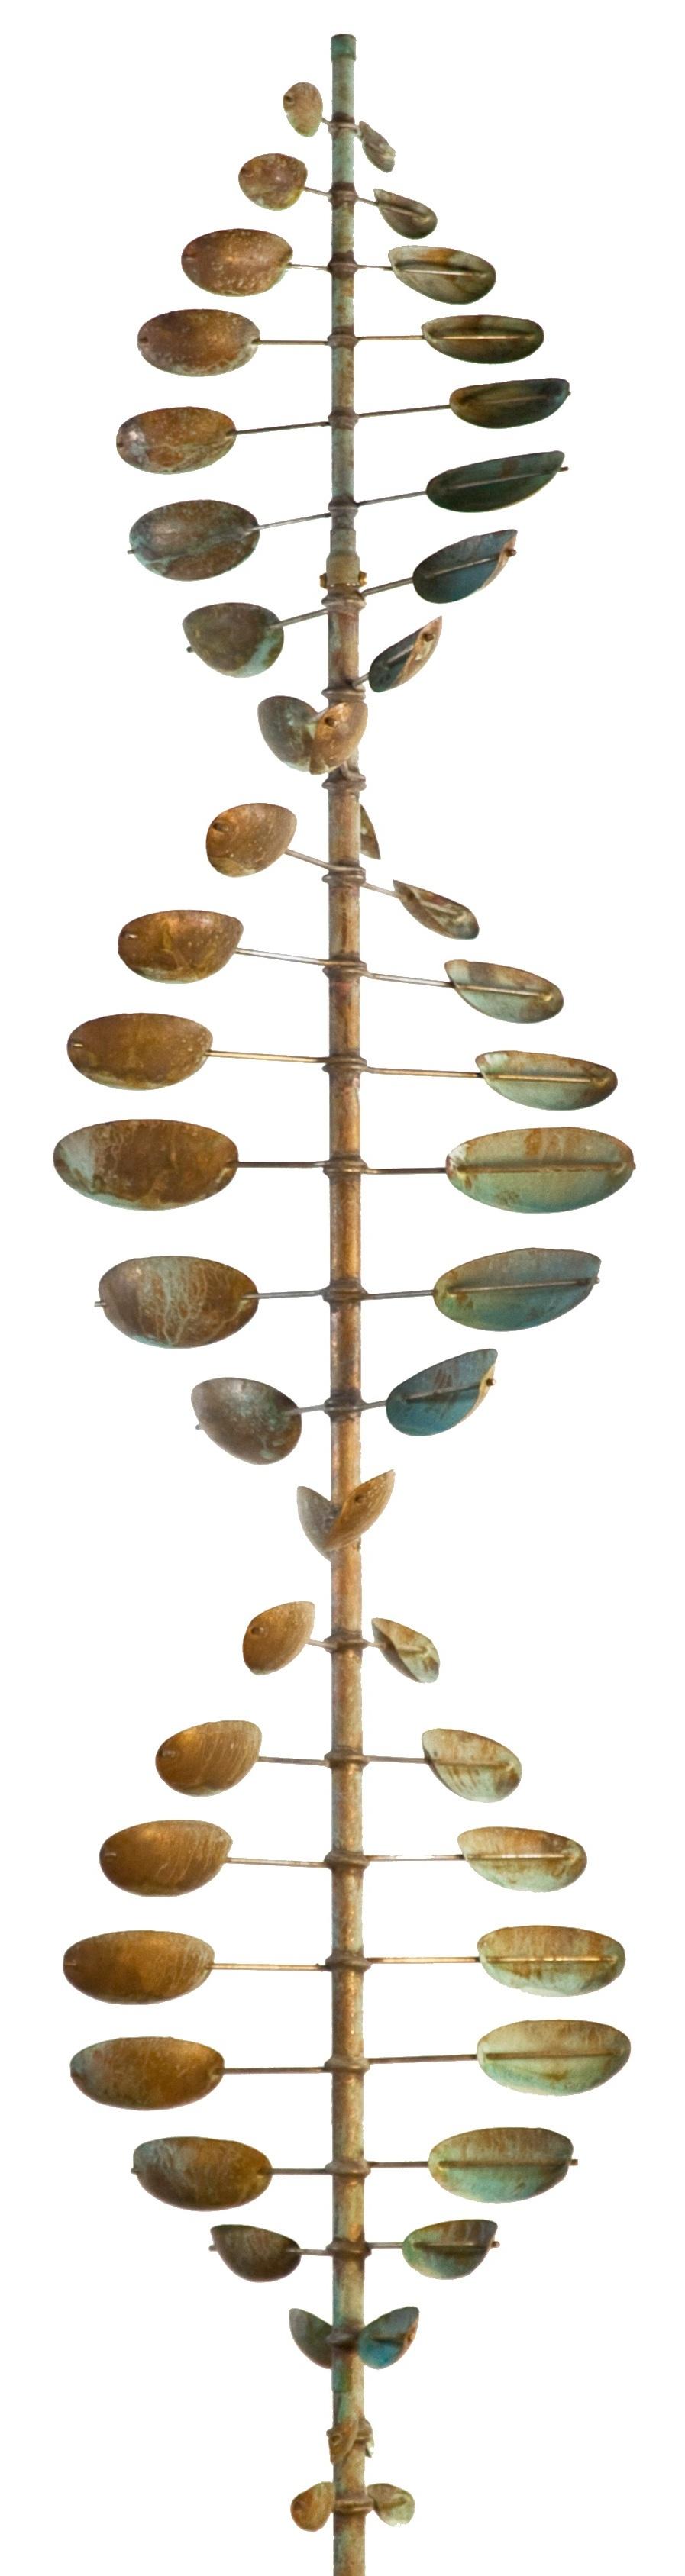 Bean Pole